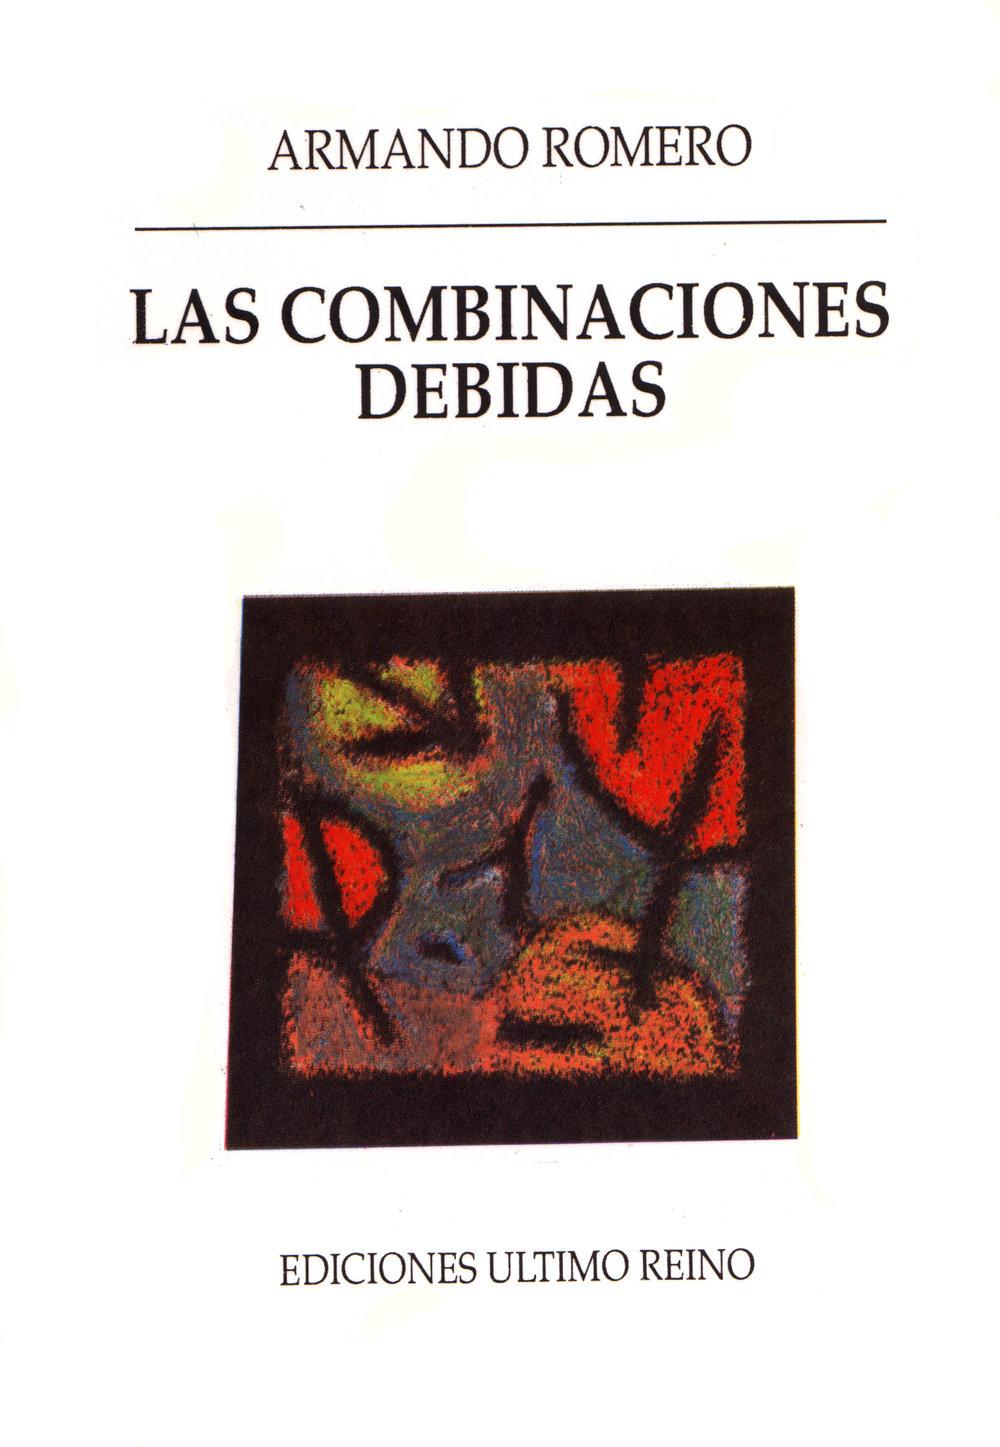 LasCombinacionesFront.jpg